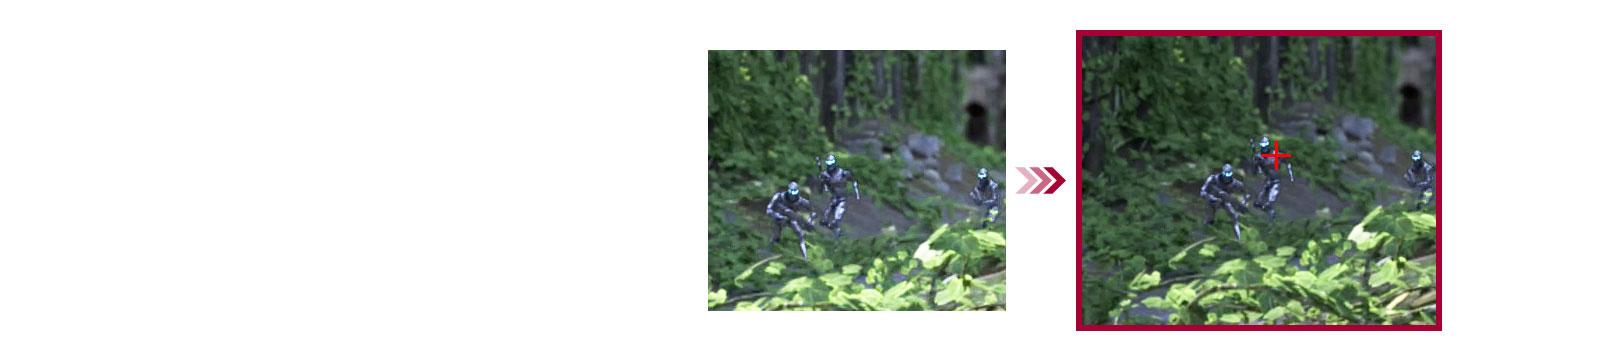 So sánh hai cảnh game giữa chế độ thông thường và chế độ Crosshair giúp người chơi ngắm bắn tốt hơn